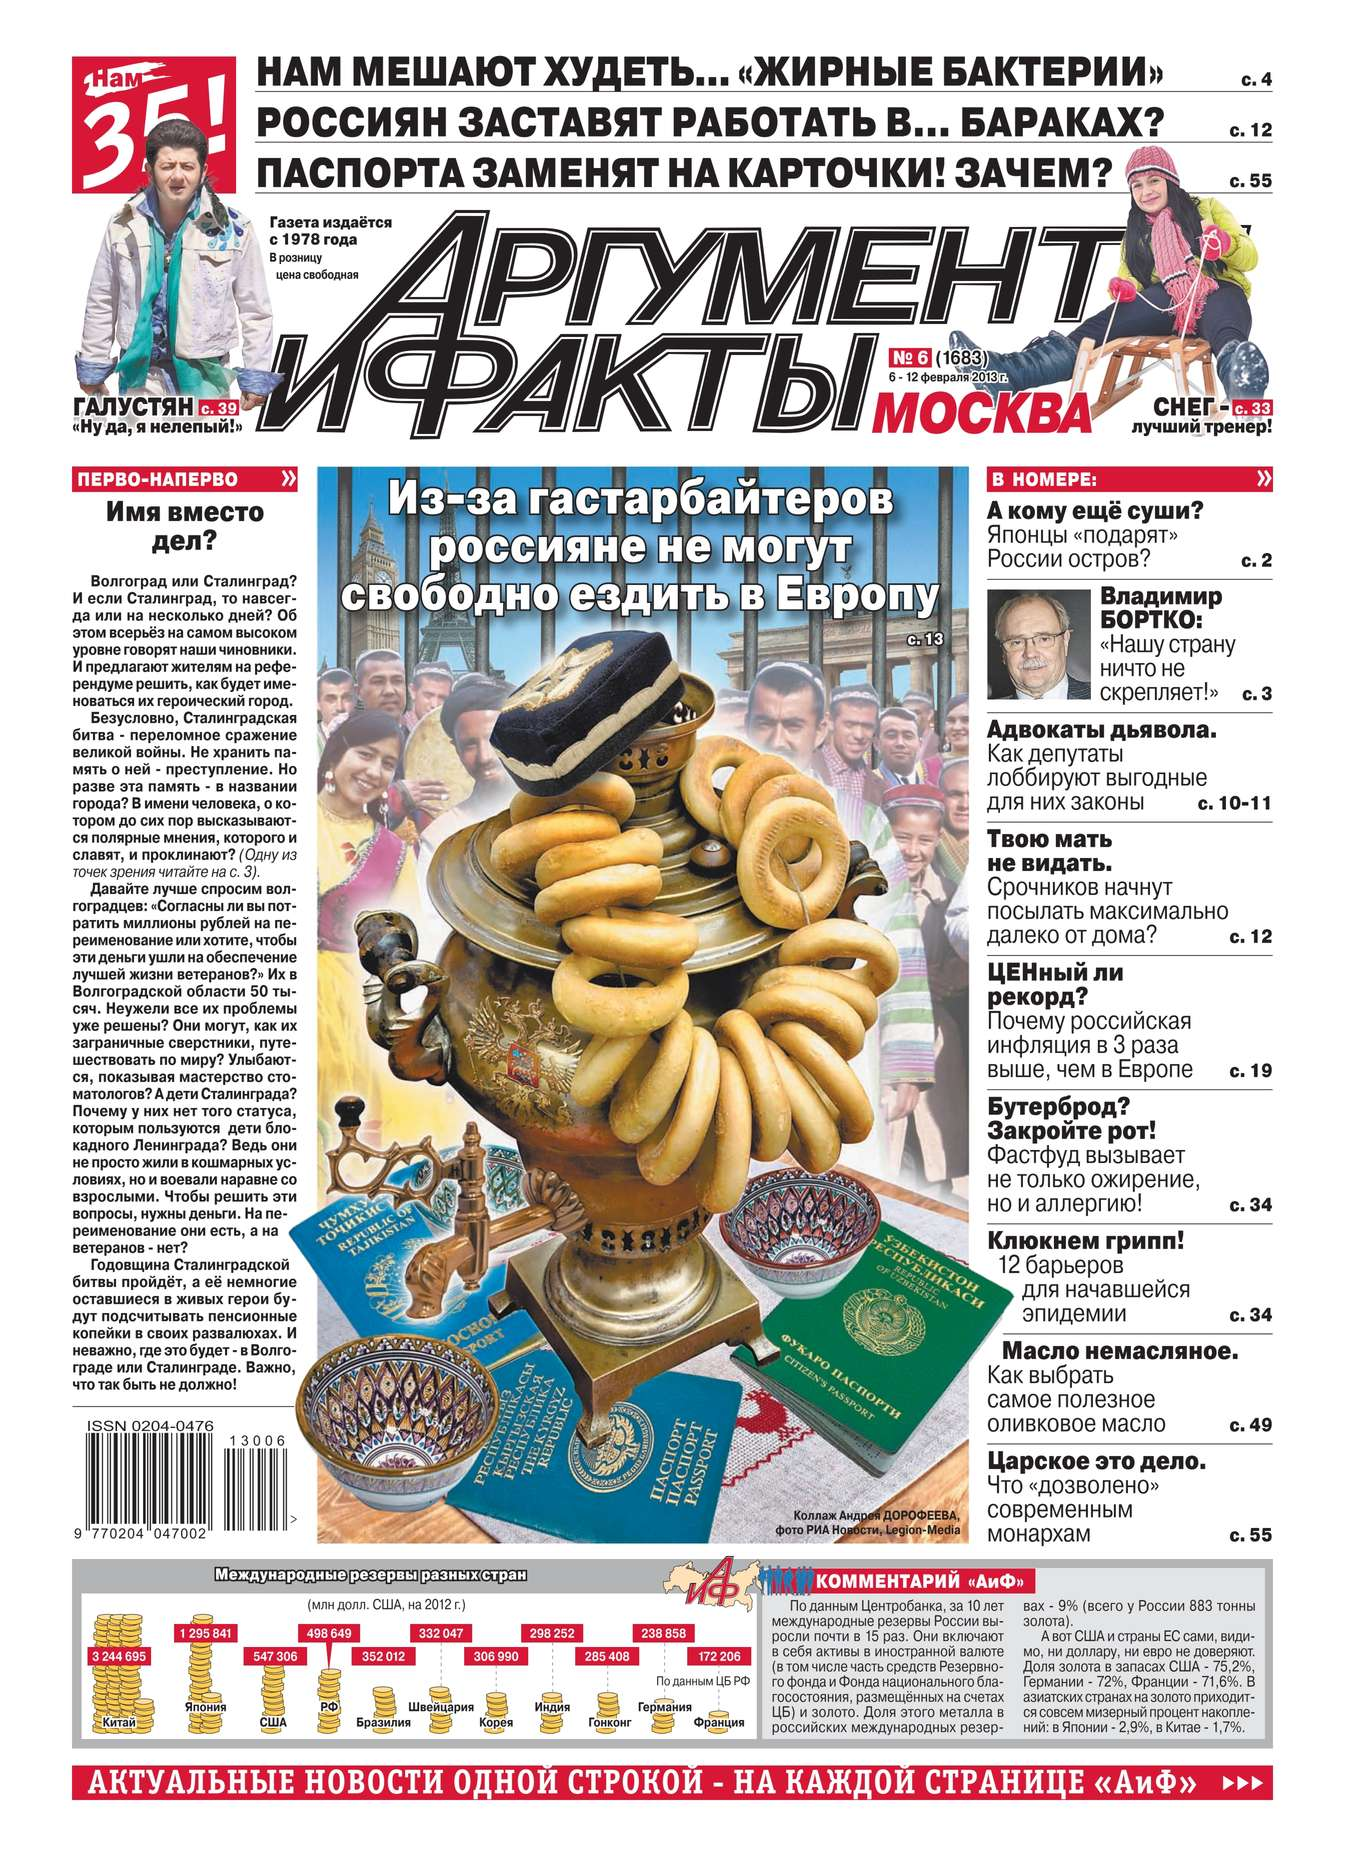 Редакция журнала Аиф. Про Кухню Аргументы и факты 06-2013